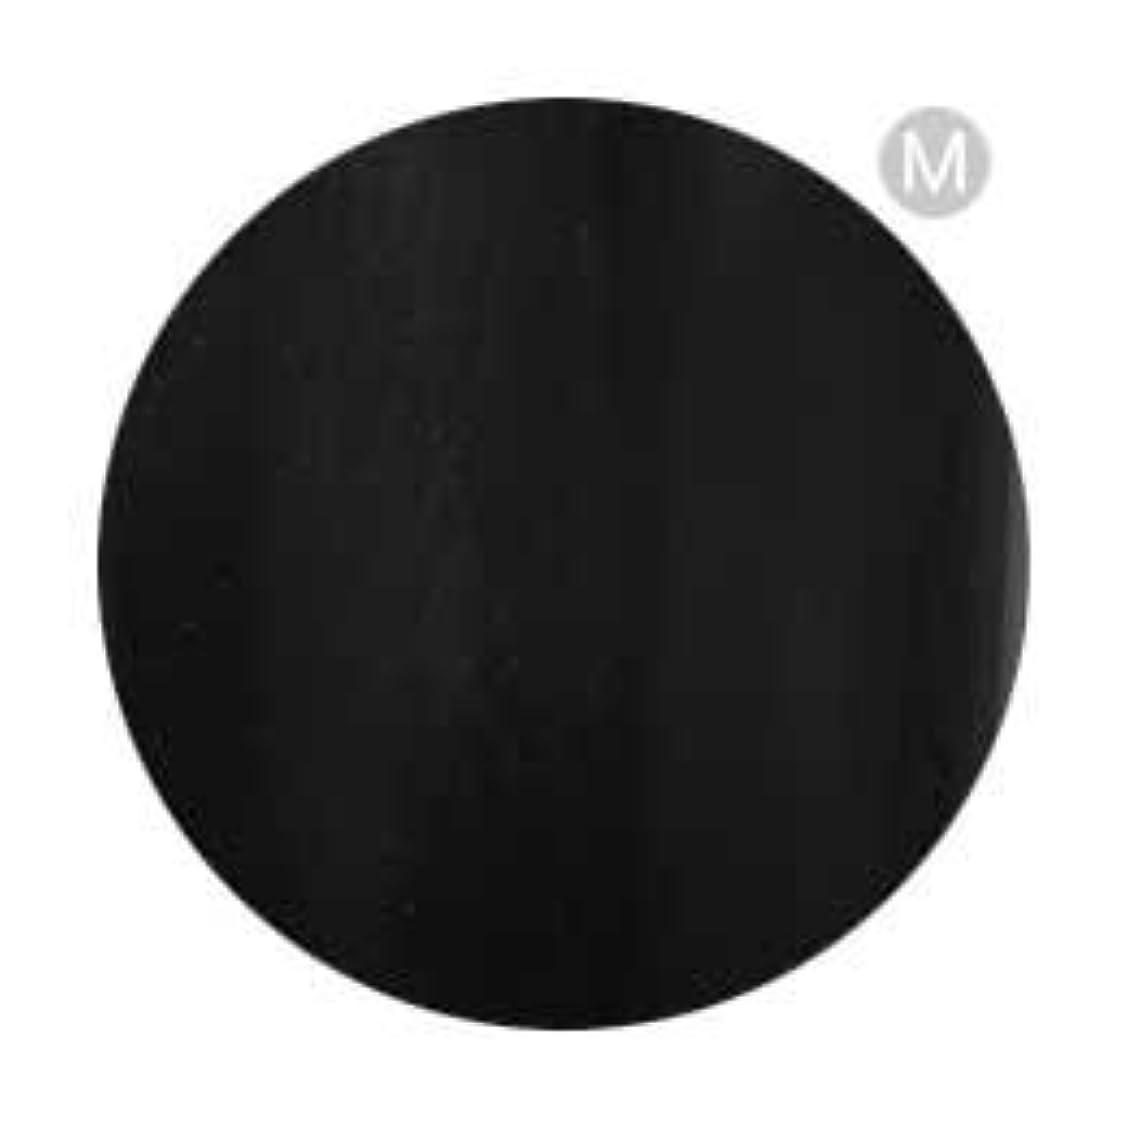 ソーシャルハードウェア商人Palms Graceful カラージェル 3g 008 ブラック